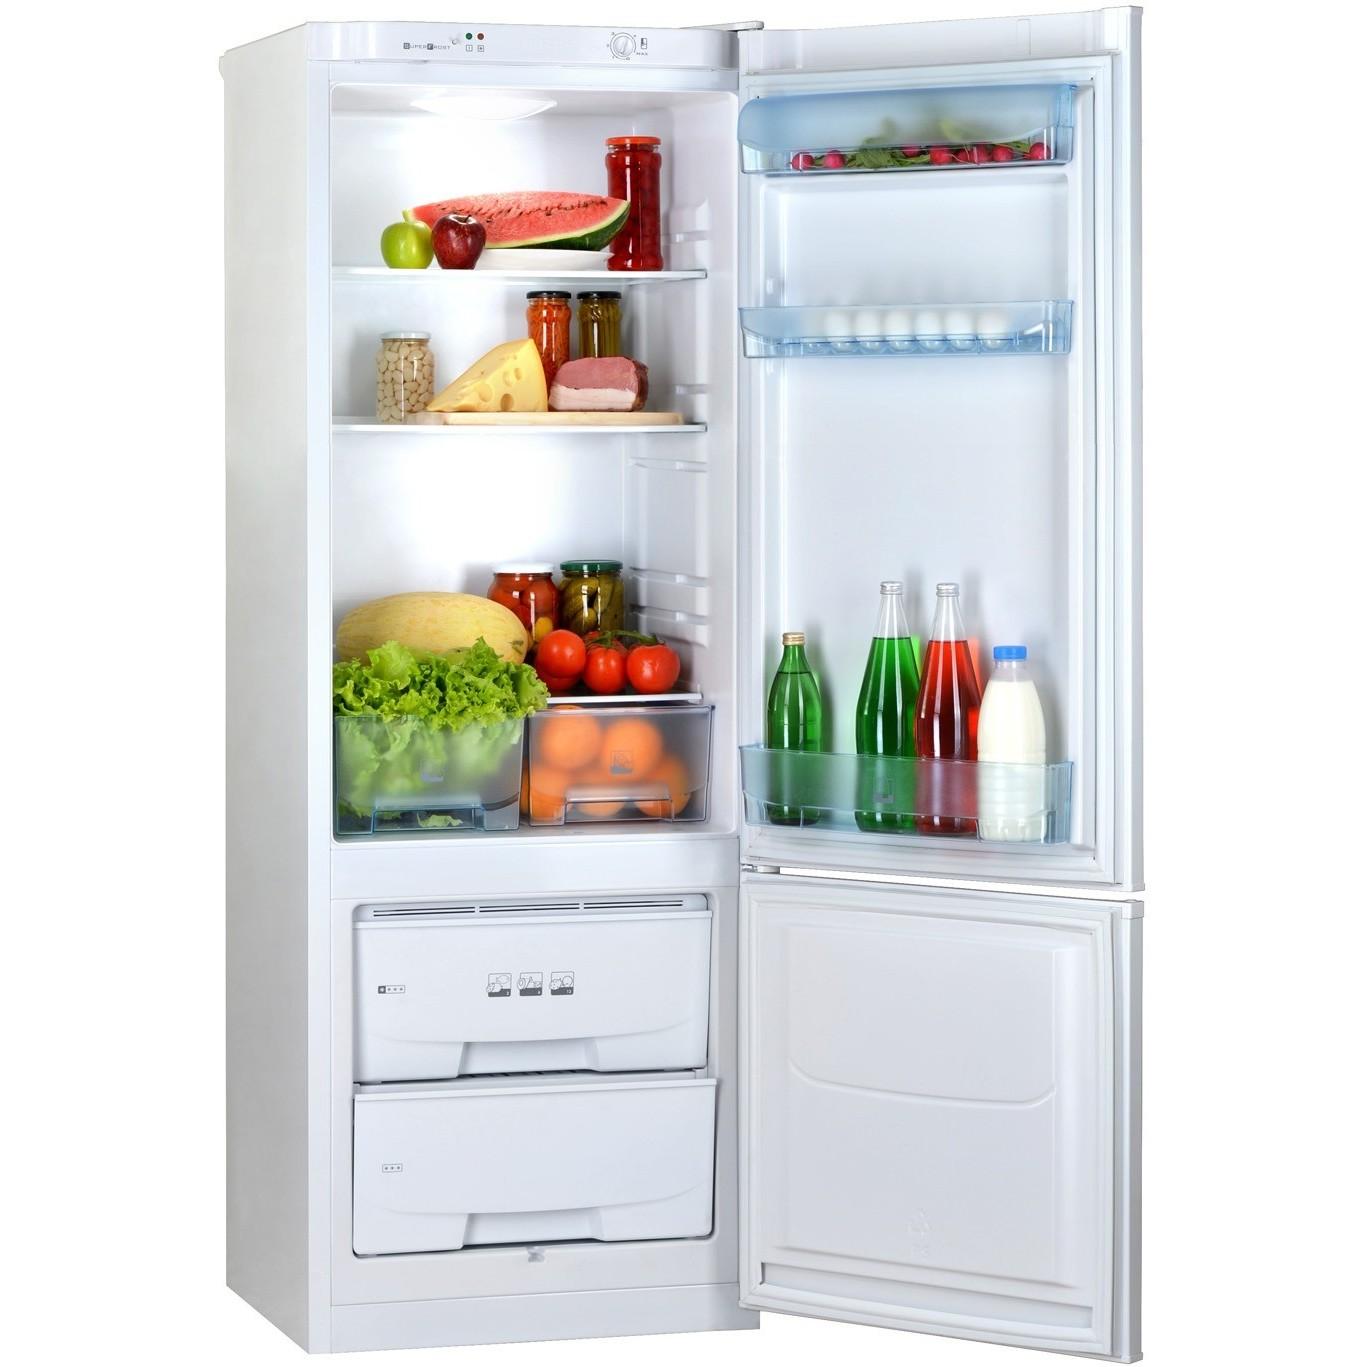 Холодильник Pozis RK-102 W изнутри